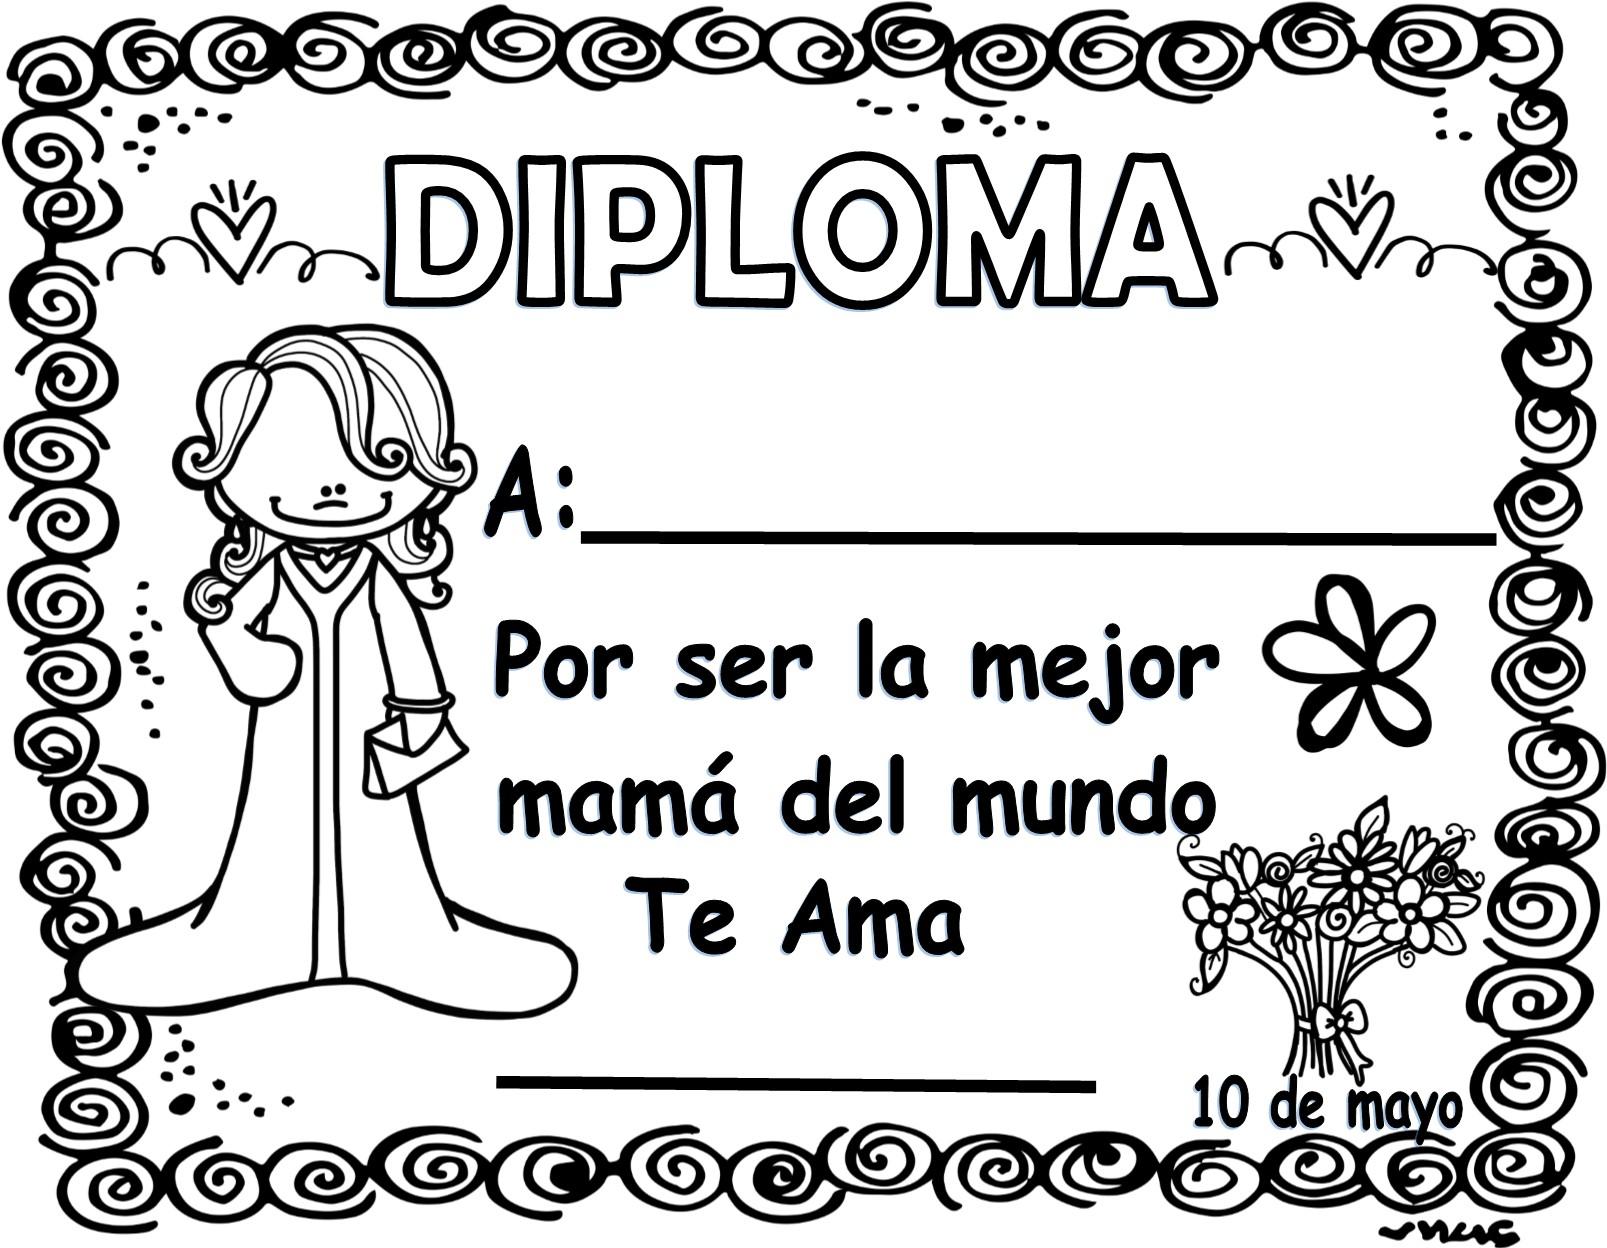 Estupendos Y Lindos Diplomas Para El Día De Las Madres